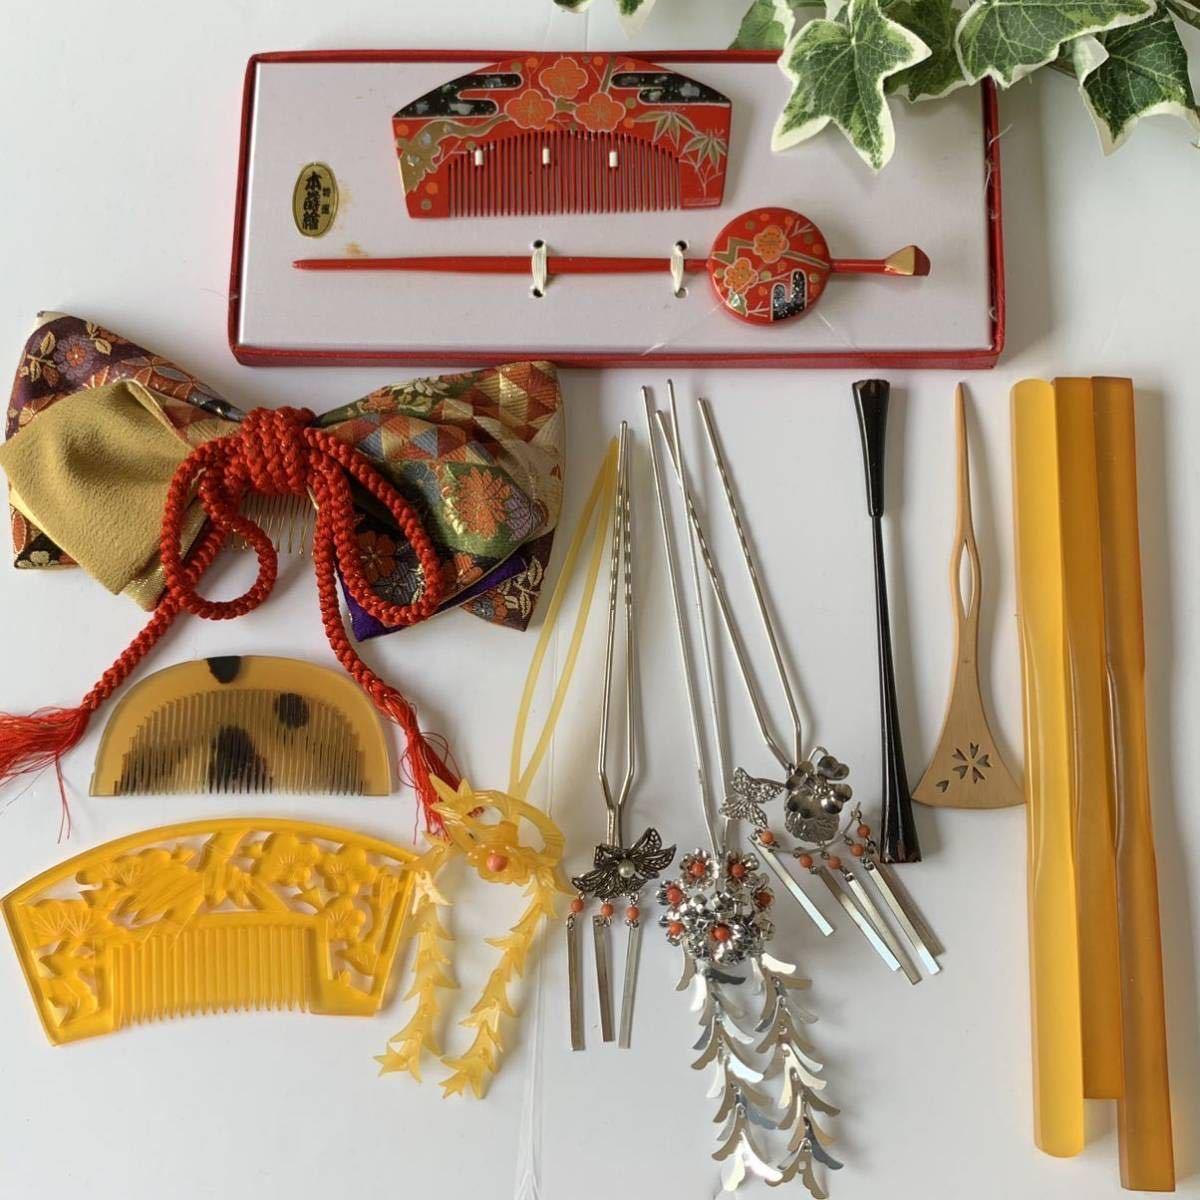 かんざし くし 和装小物 アンティーク レトロ 簪 櫛 螺鈿細工 鼈甲 螺鈿 着物 髪飾り_画像1